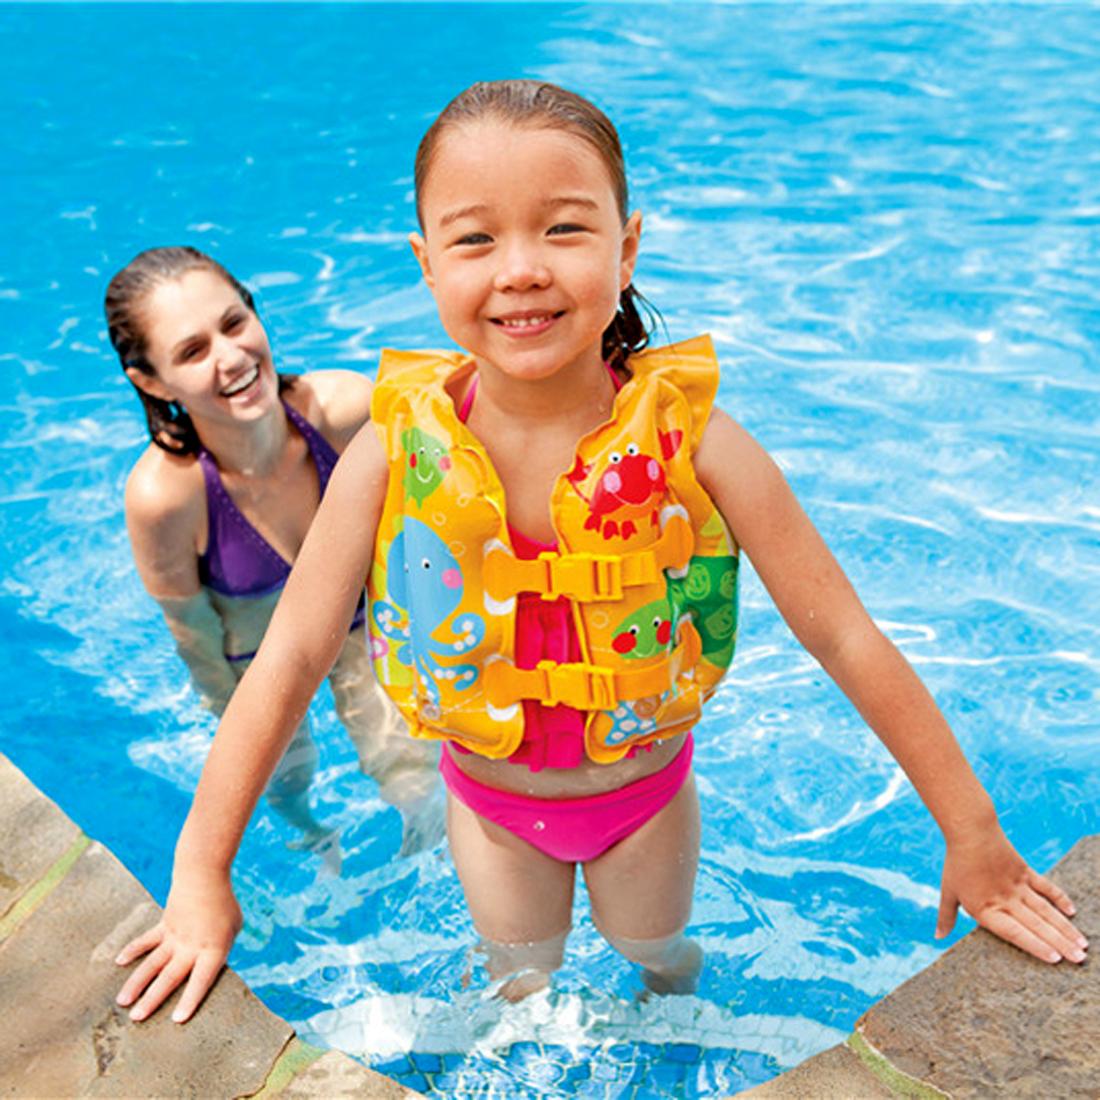 Cách chọn phao bơi cho bé đảm bảo an toàn và đạt chất lượng tốt nhất